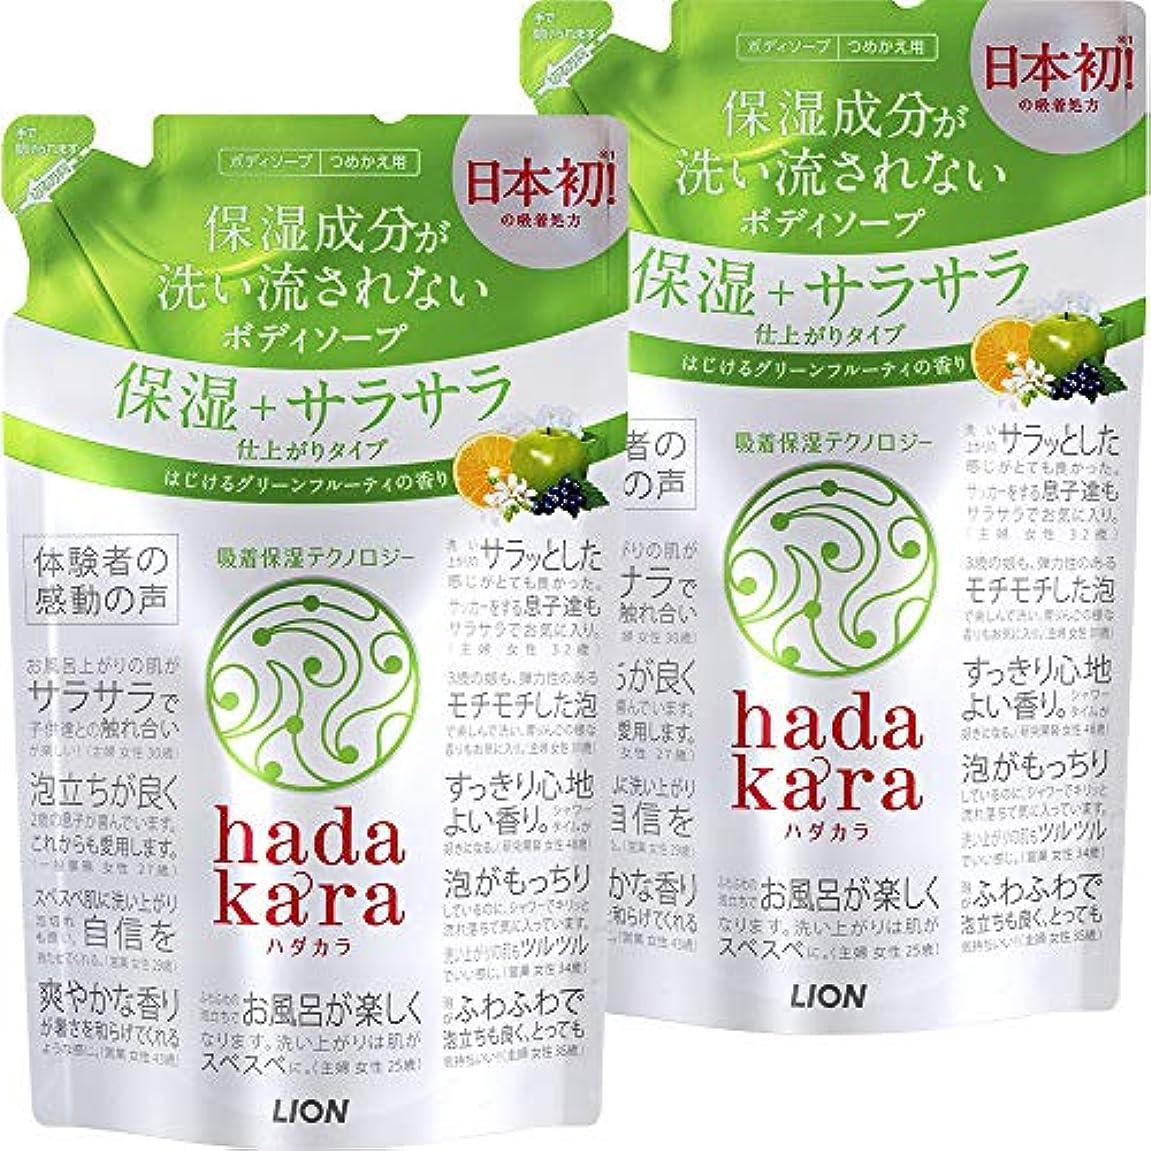 コントロール服を着るサンダース【まとめ買い】hadakara(ハダカラ) ボディソープ 保湿+サラサラ仕上がりタイプ グリーンフルーティの香り 詰め替え 340ml×2個パック